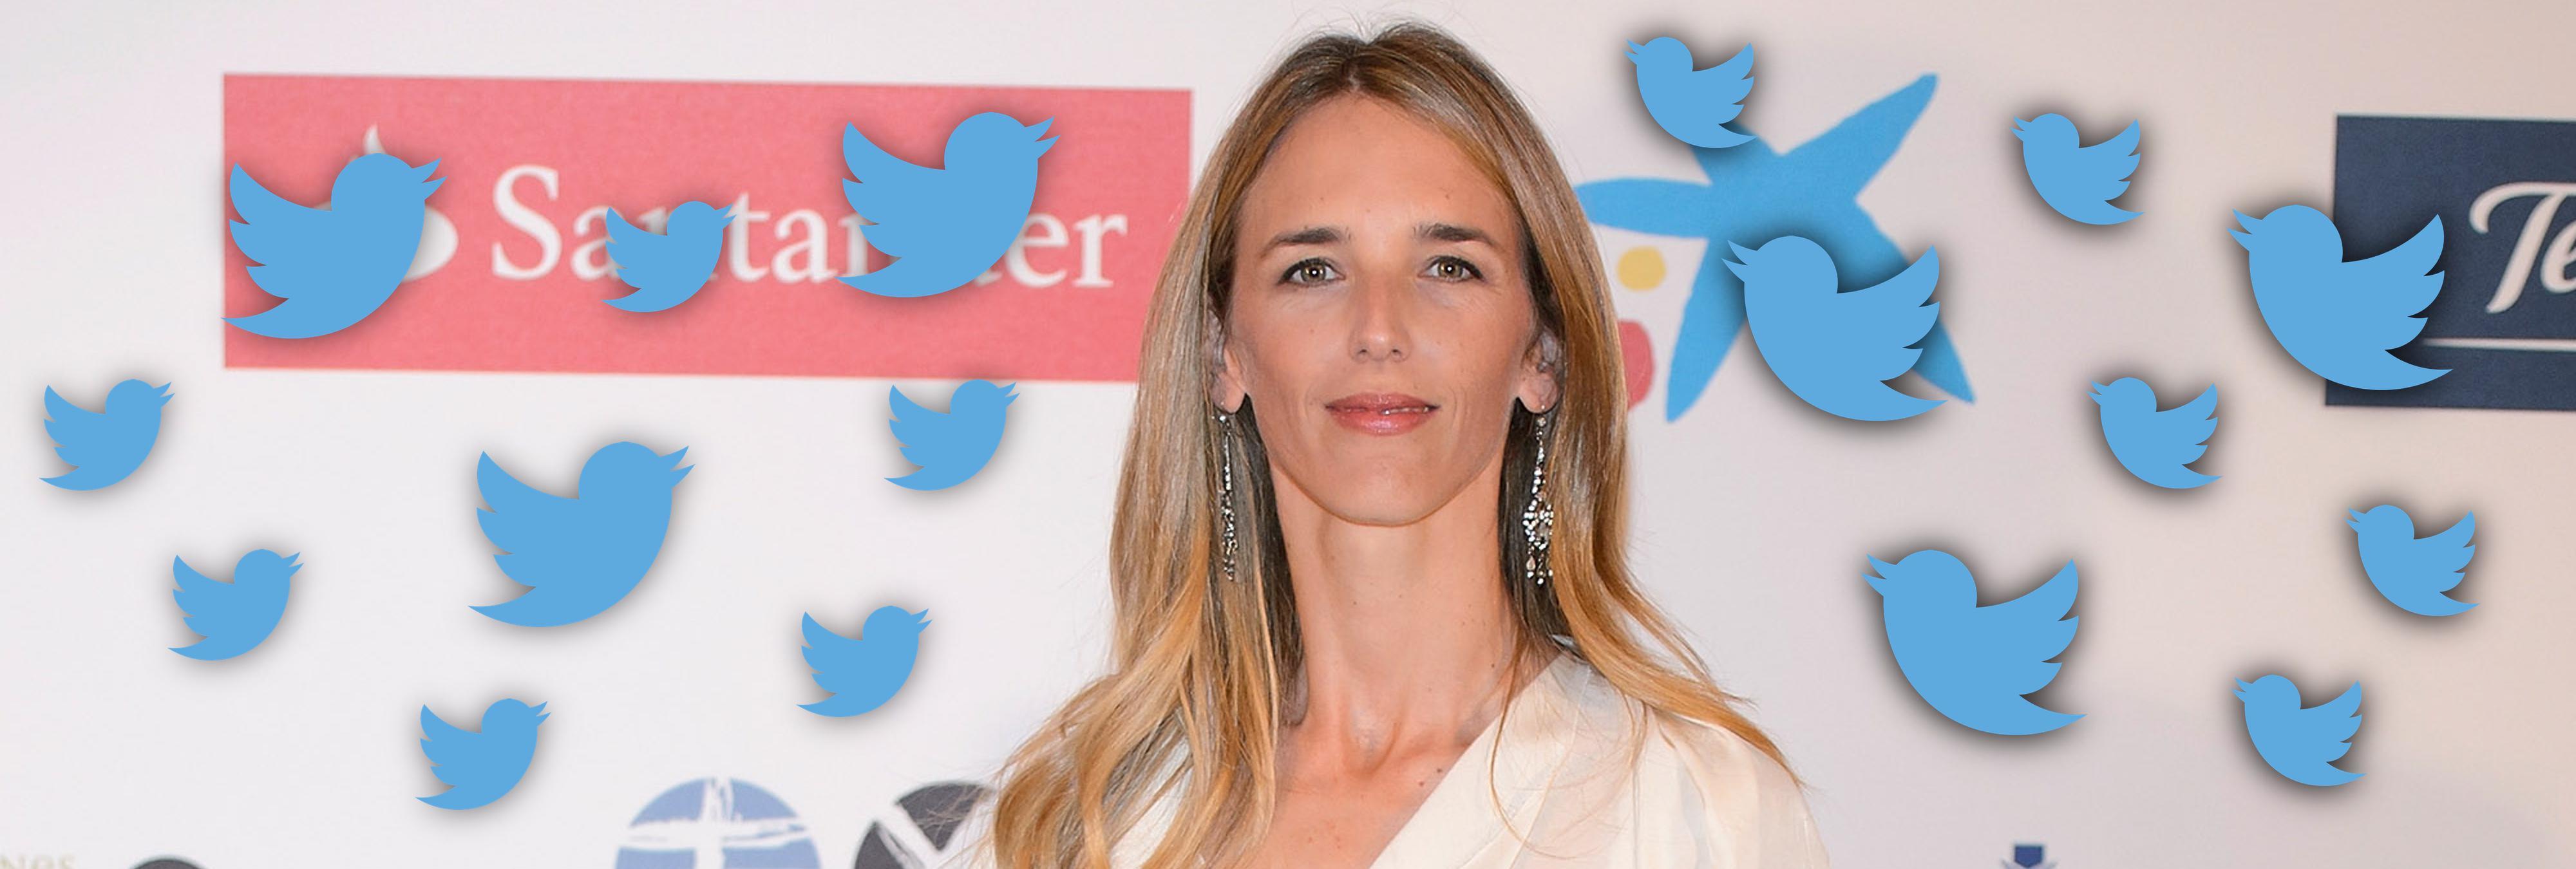 Cayetana Álvarez de Toledo lleva razón: Twitter está lleno de tontos